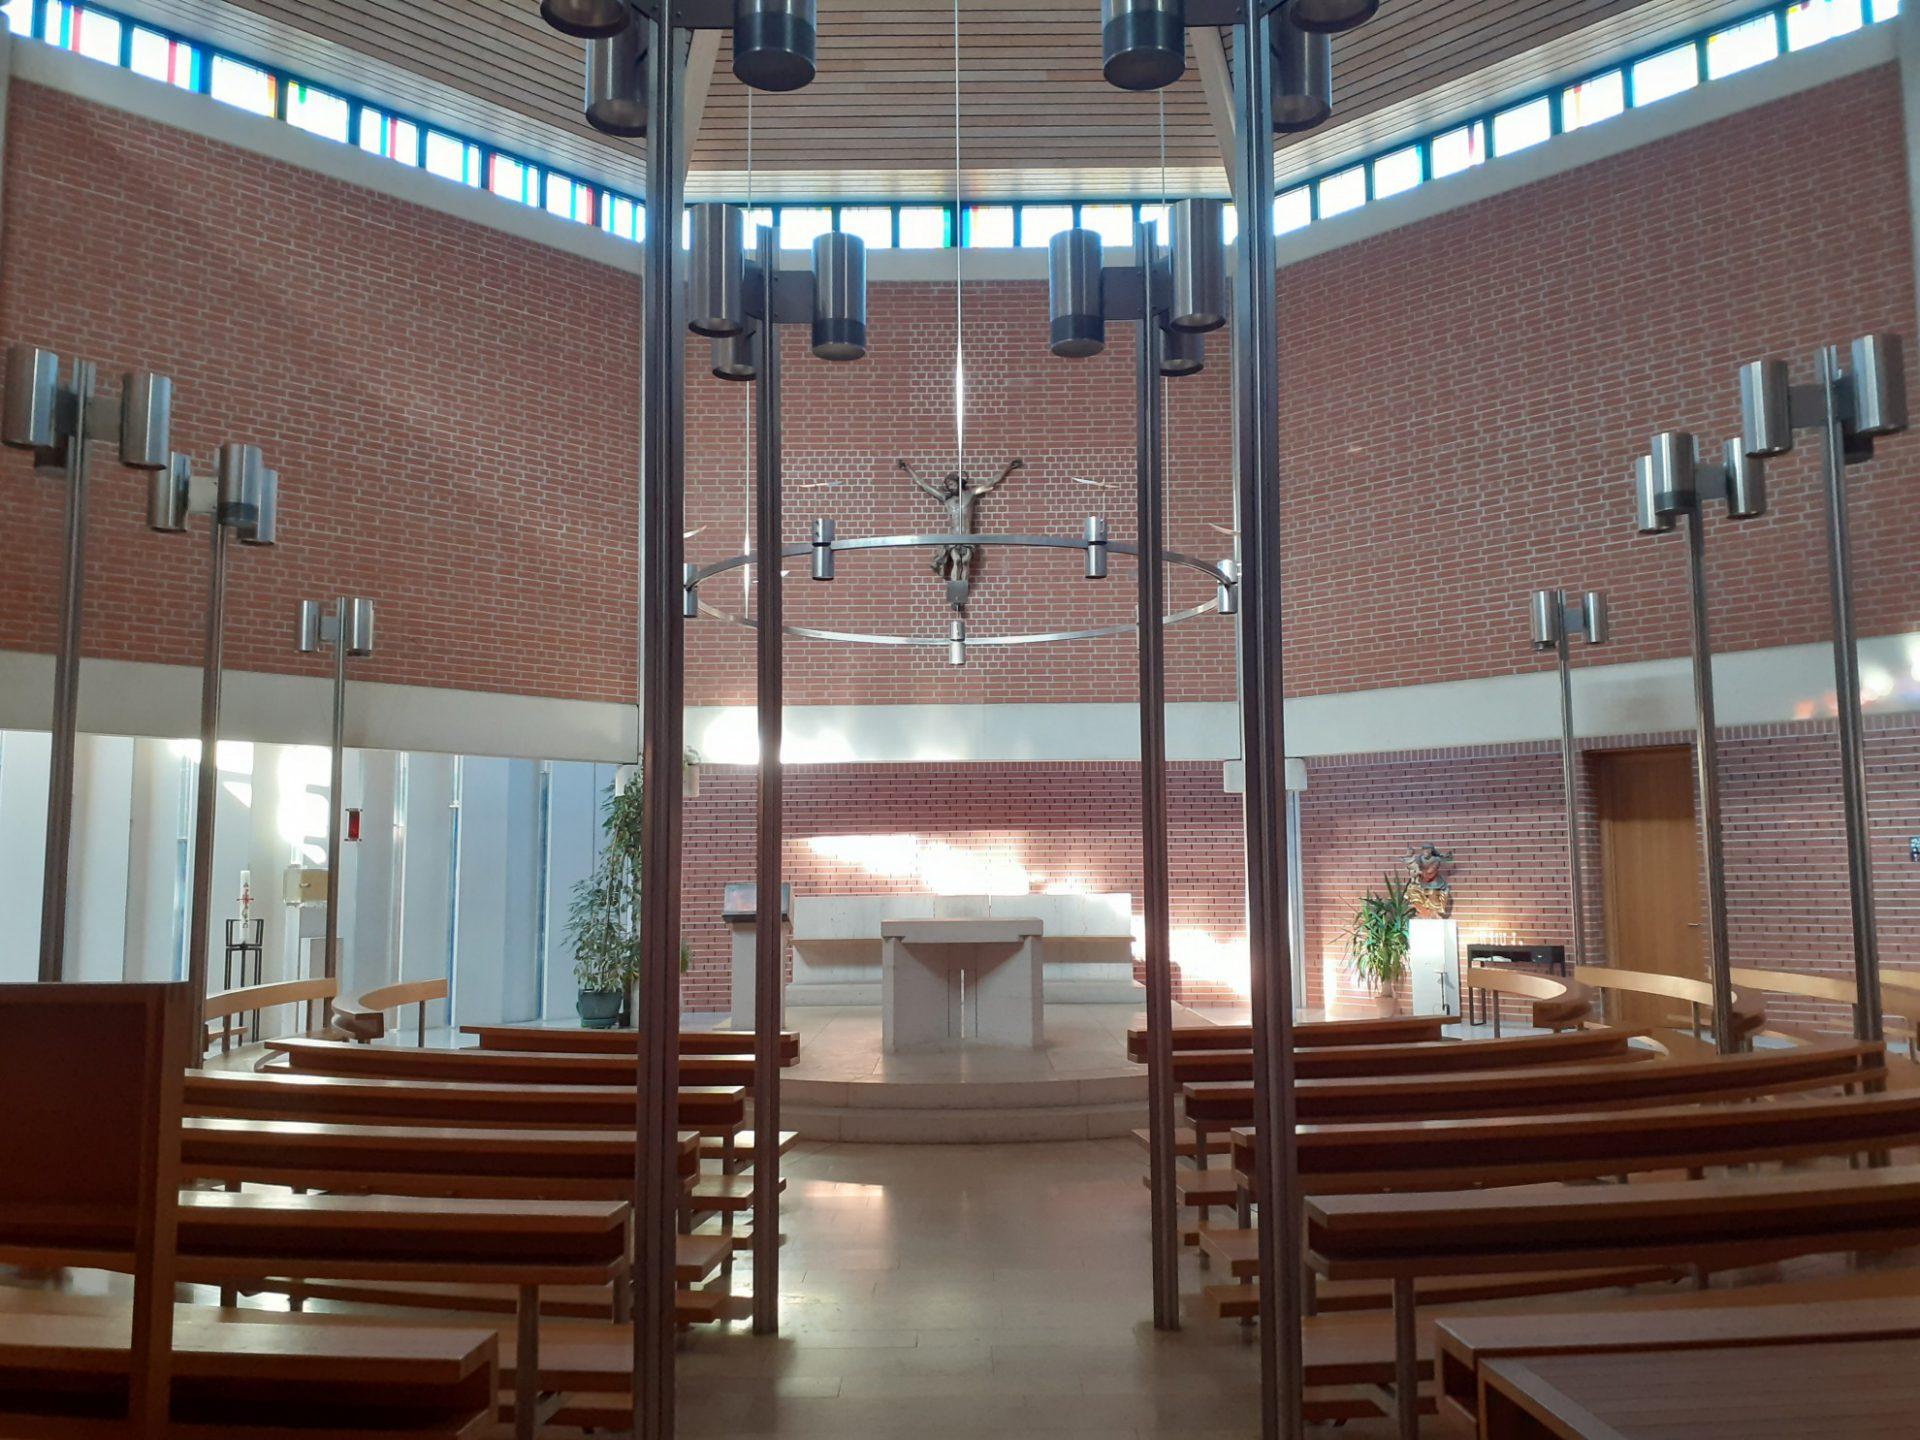 Pfarrkirche St Elisabeth München-Haidhausen